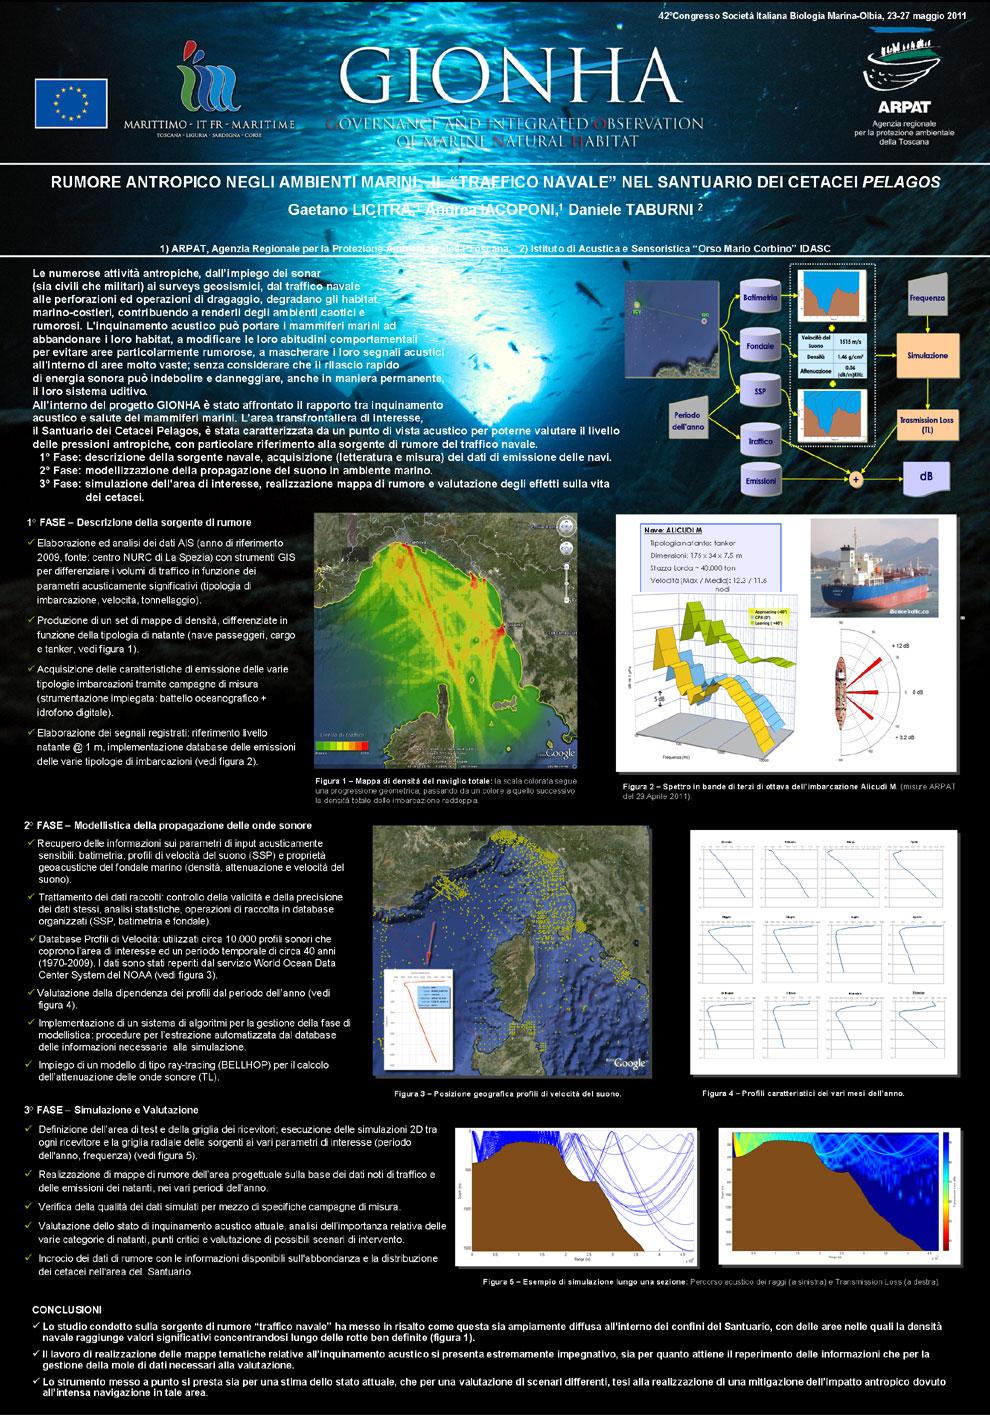 Rumore antropico negli ambienti marini - poster